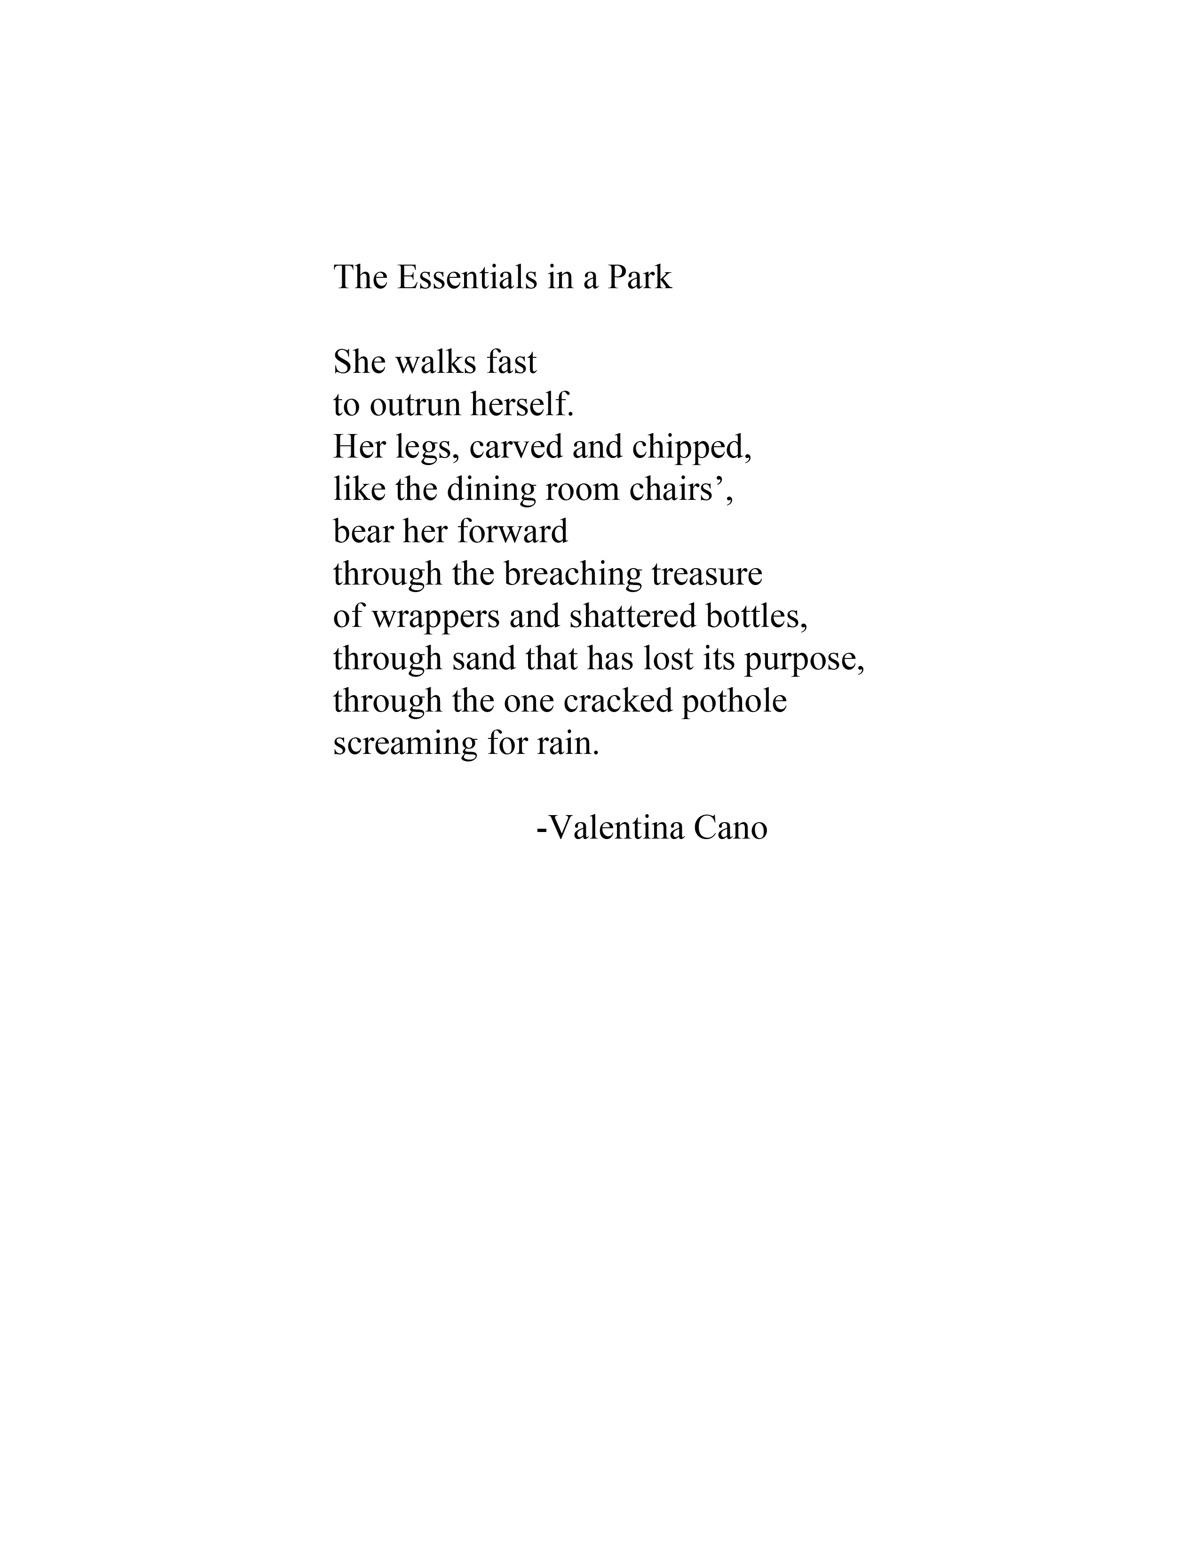 poetry, poet, writing, writer - valentinacano | ello